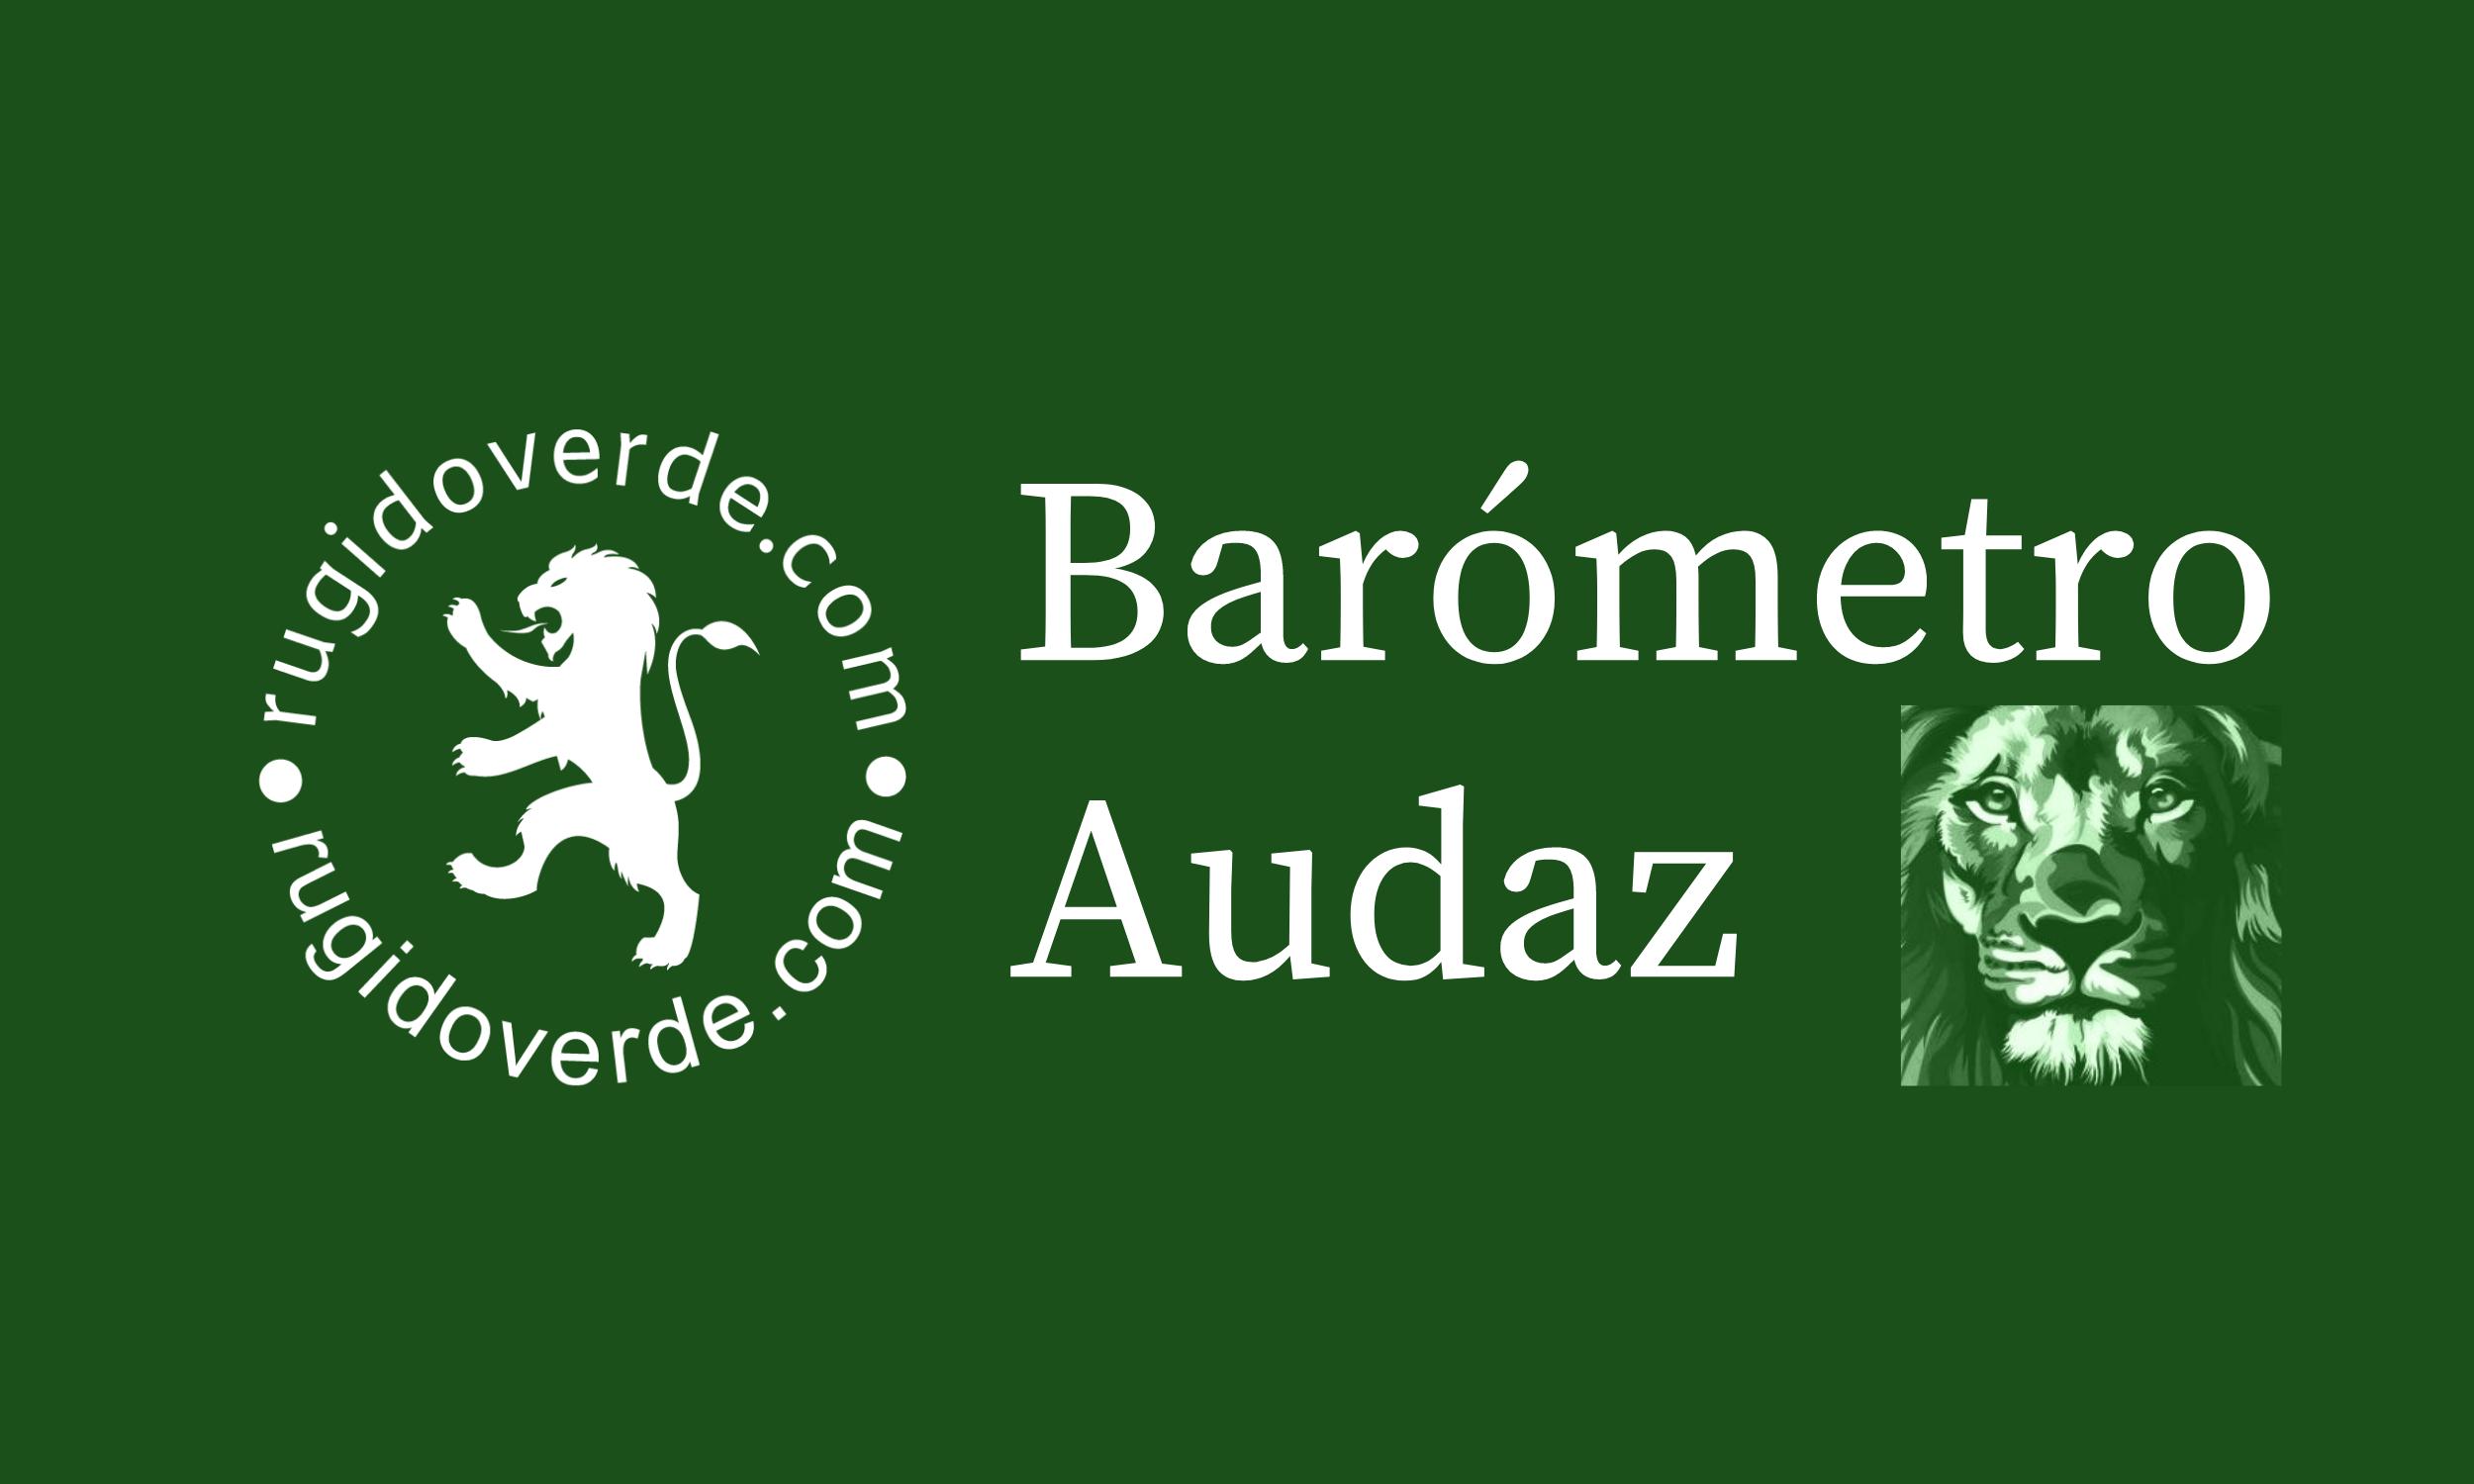 Barómetro Audaz XI – Falsos Positivos e Batucadas